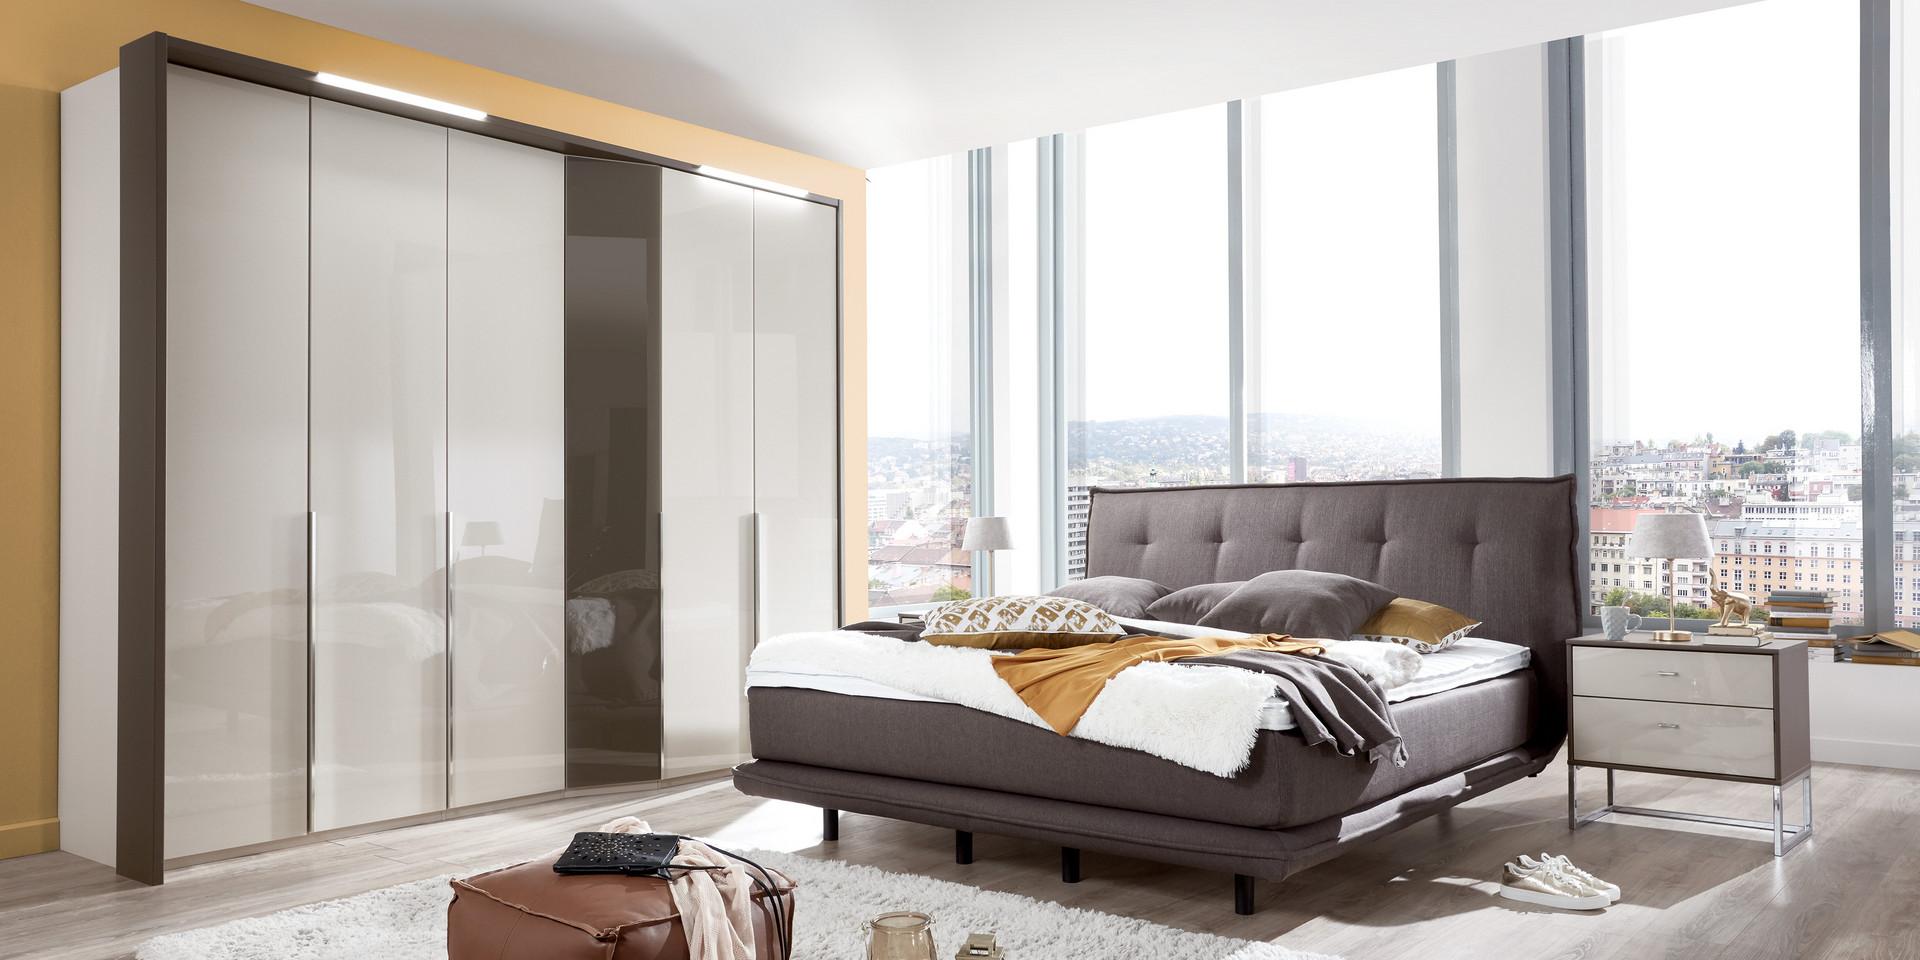 Cayenne - Oeseder Möbel-Industrie